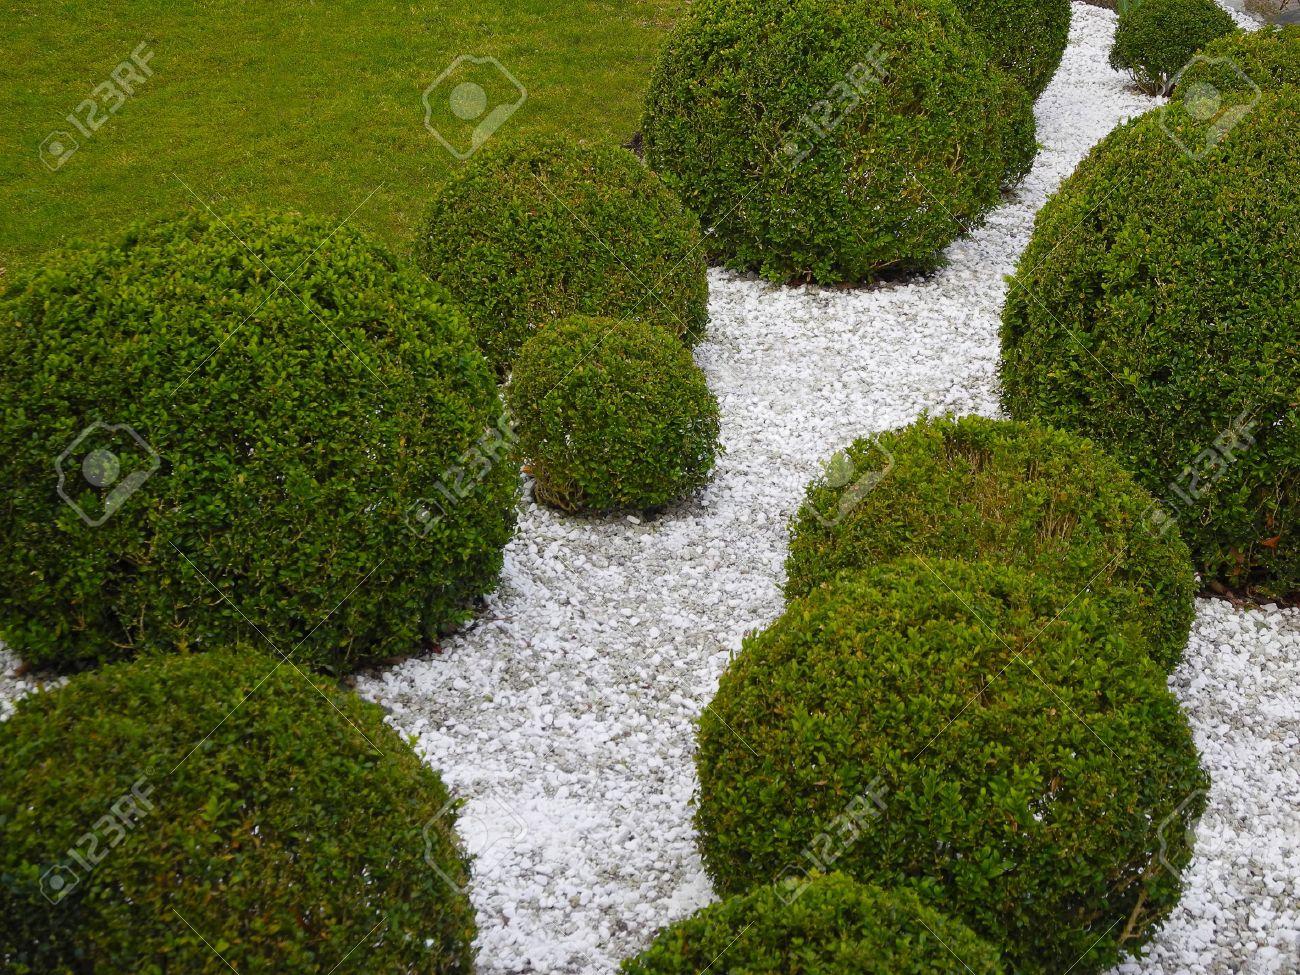 Détail jardin de buis et de gravier blanc